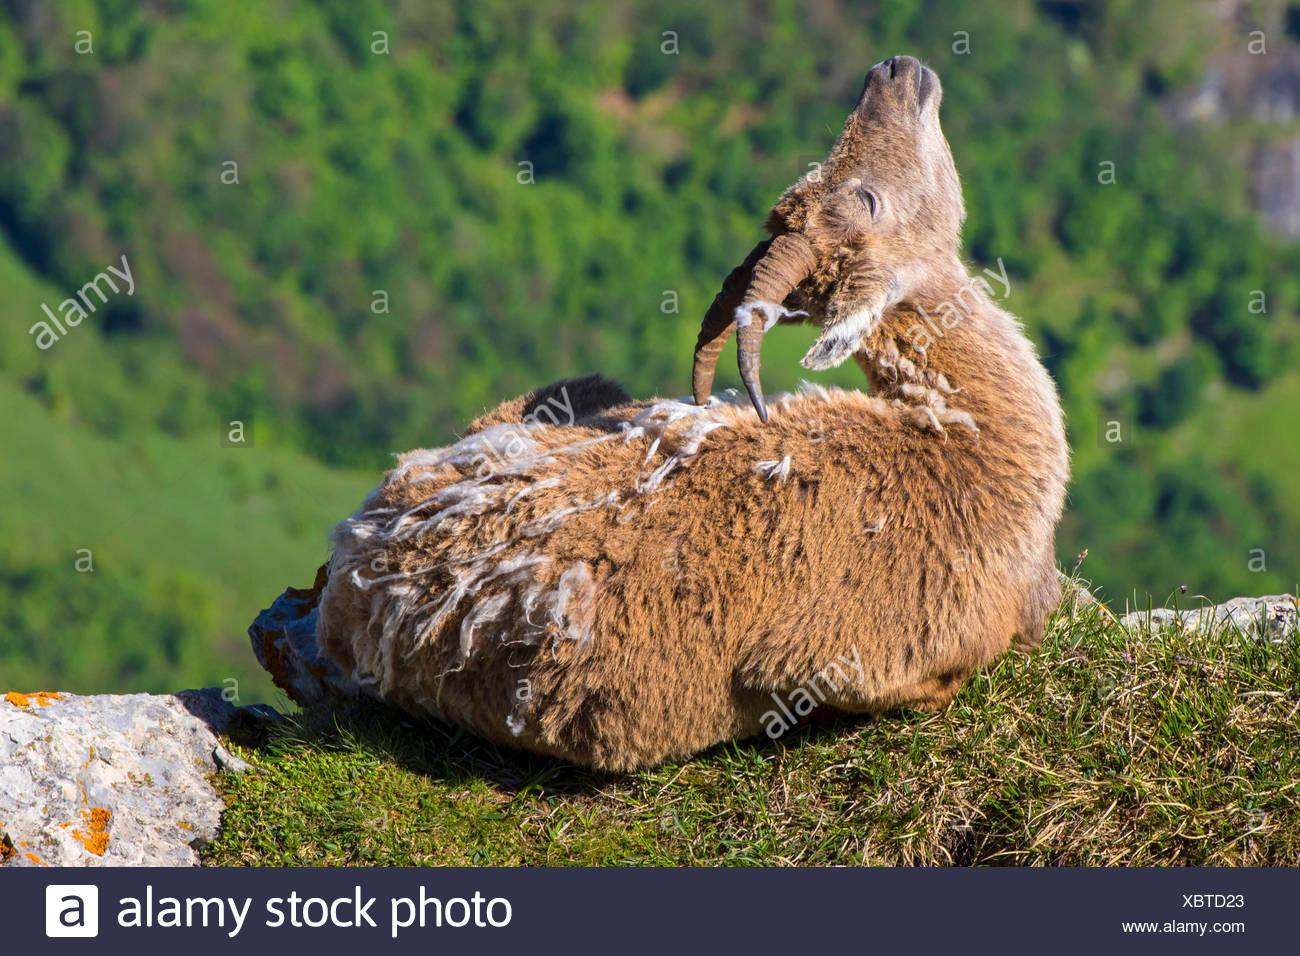 , Alpen-Steinbock Alpensteinbock (Capra ibex, Capra ibex ibex), Geiss im Fellwechsel liegt auf einer sich und kratzt Felskante mi Photo Stock